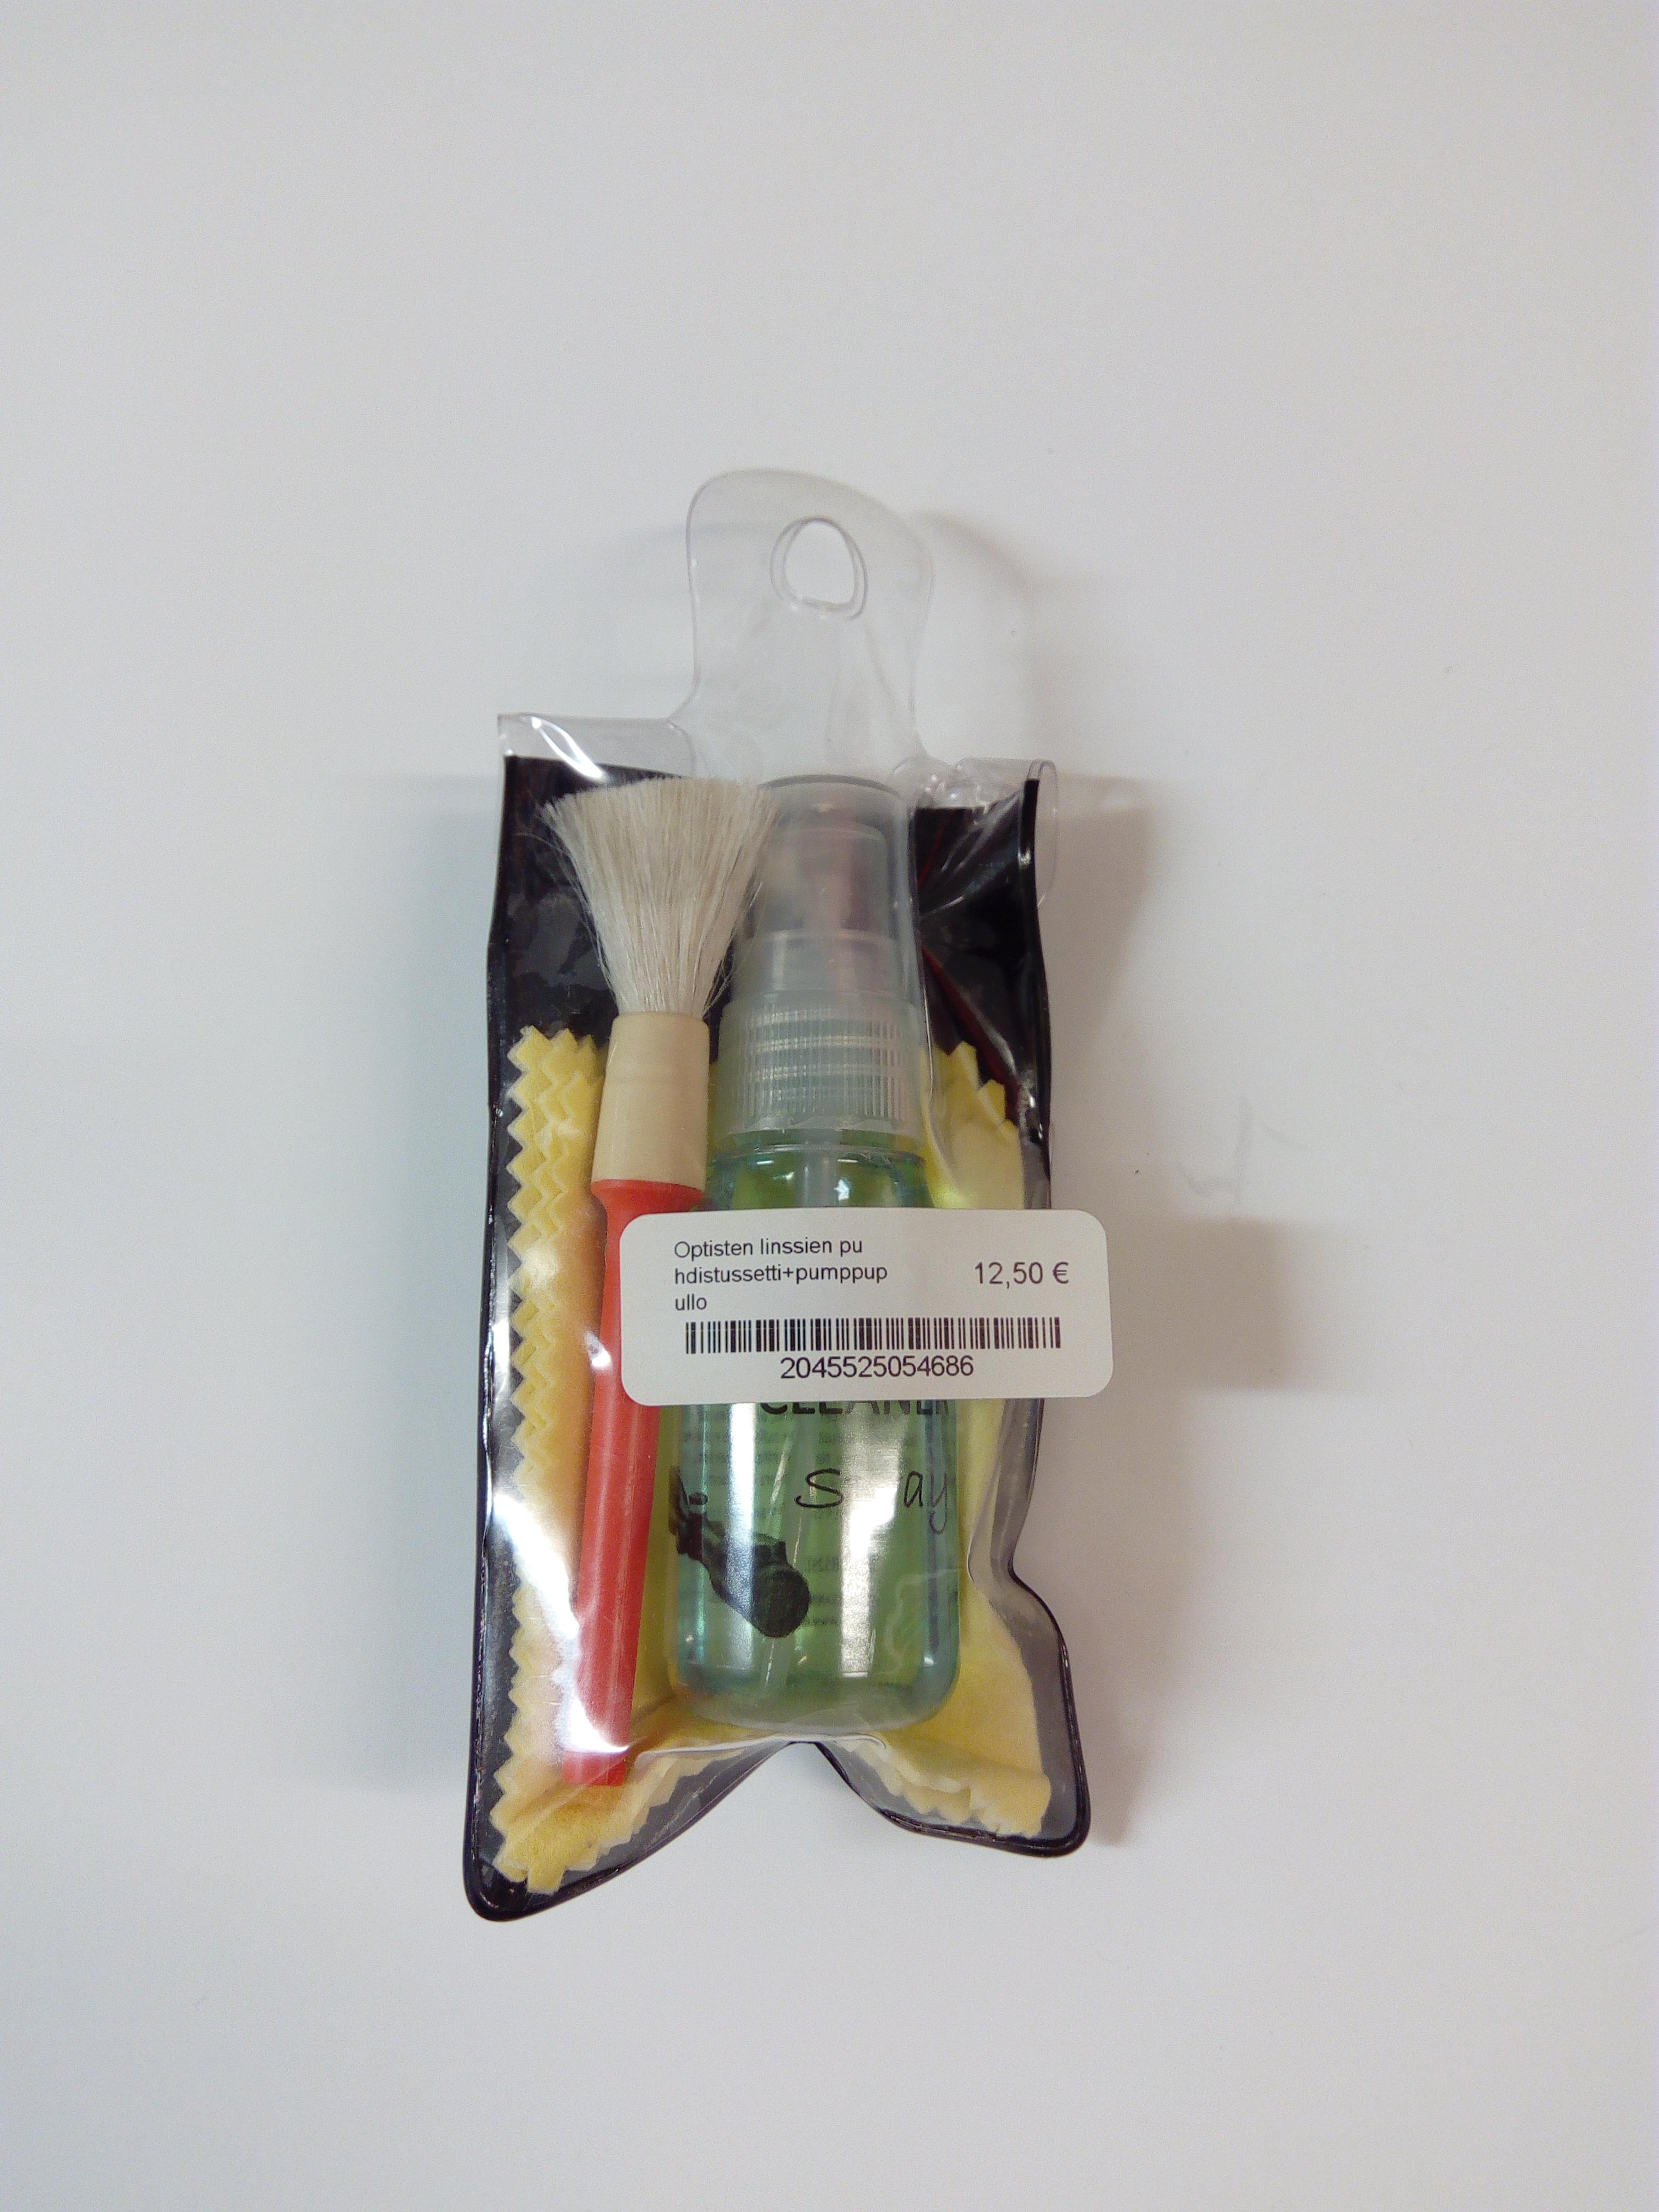 Optisten linssien puhdistussetti+pumppupullo